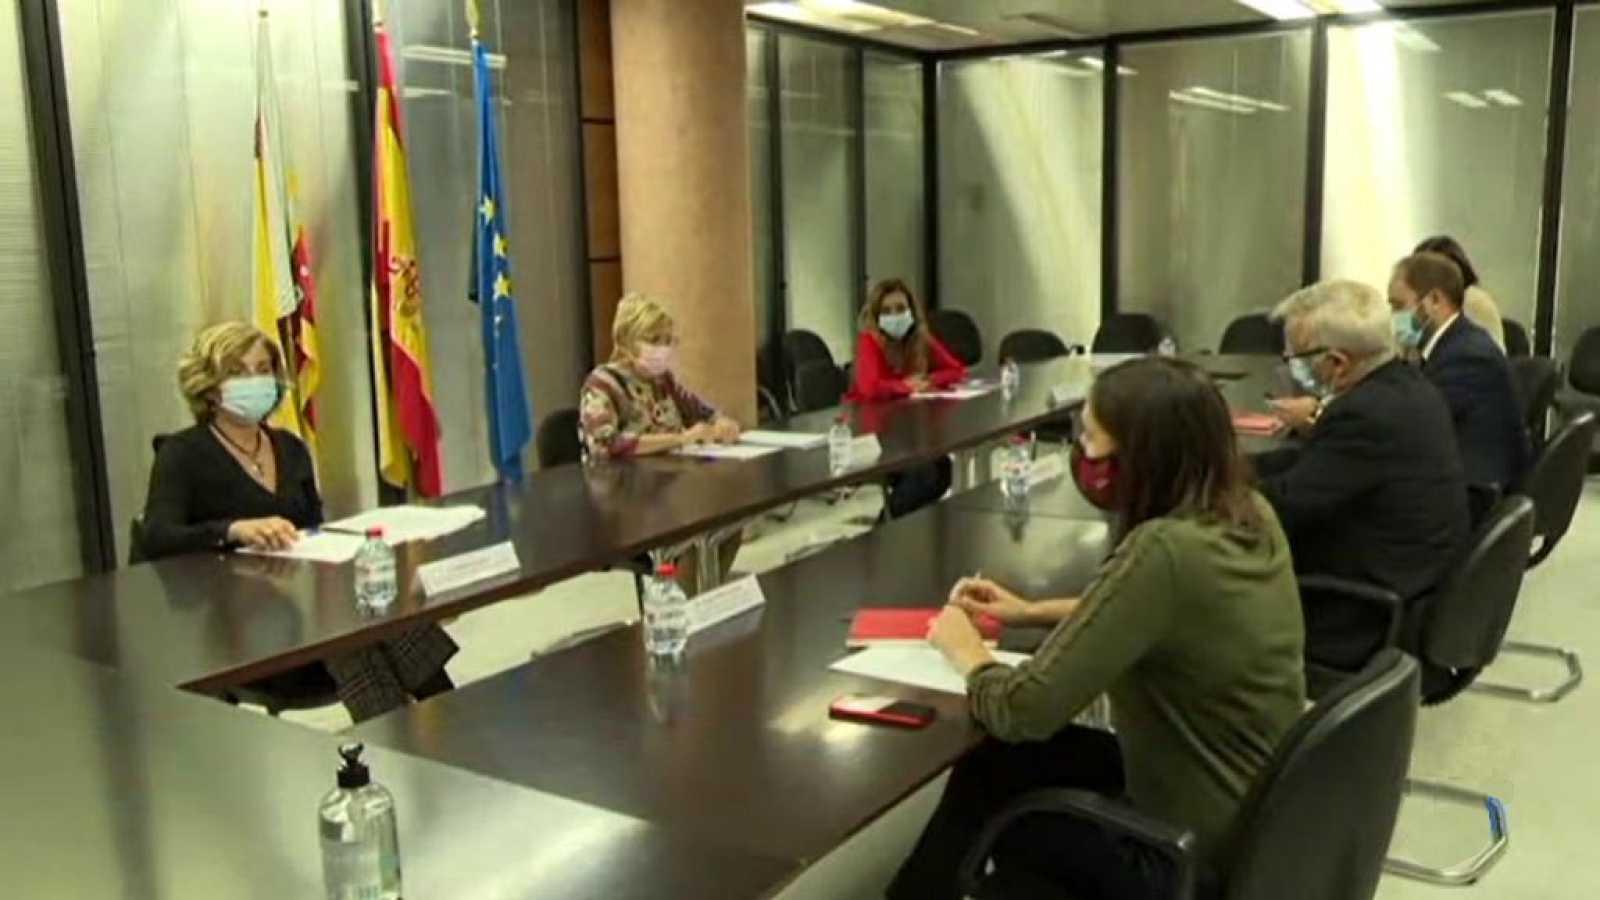 L'Informatiu - Comunitat Valenciana - 28/10/20 - ver ahora